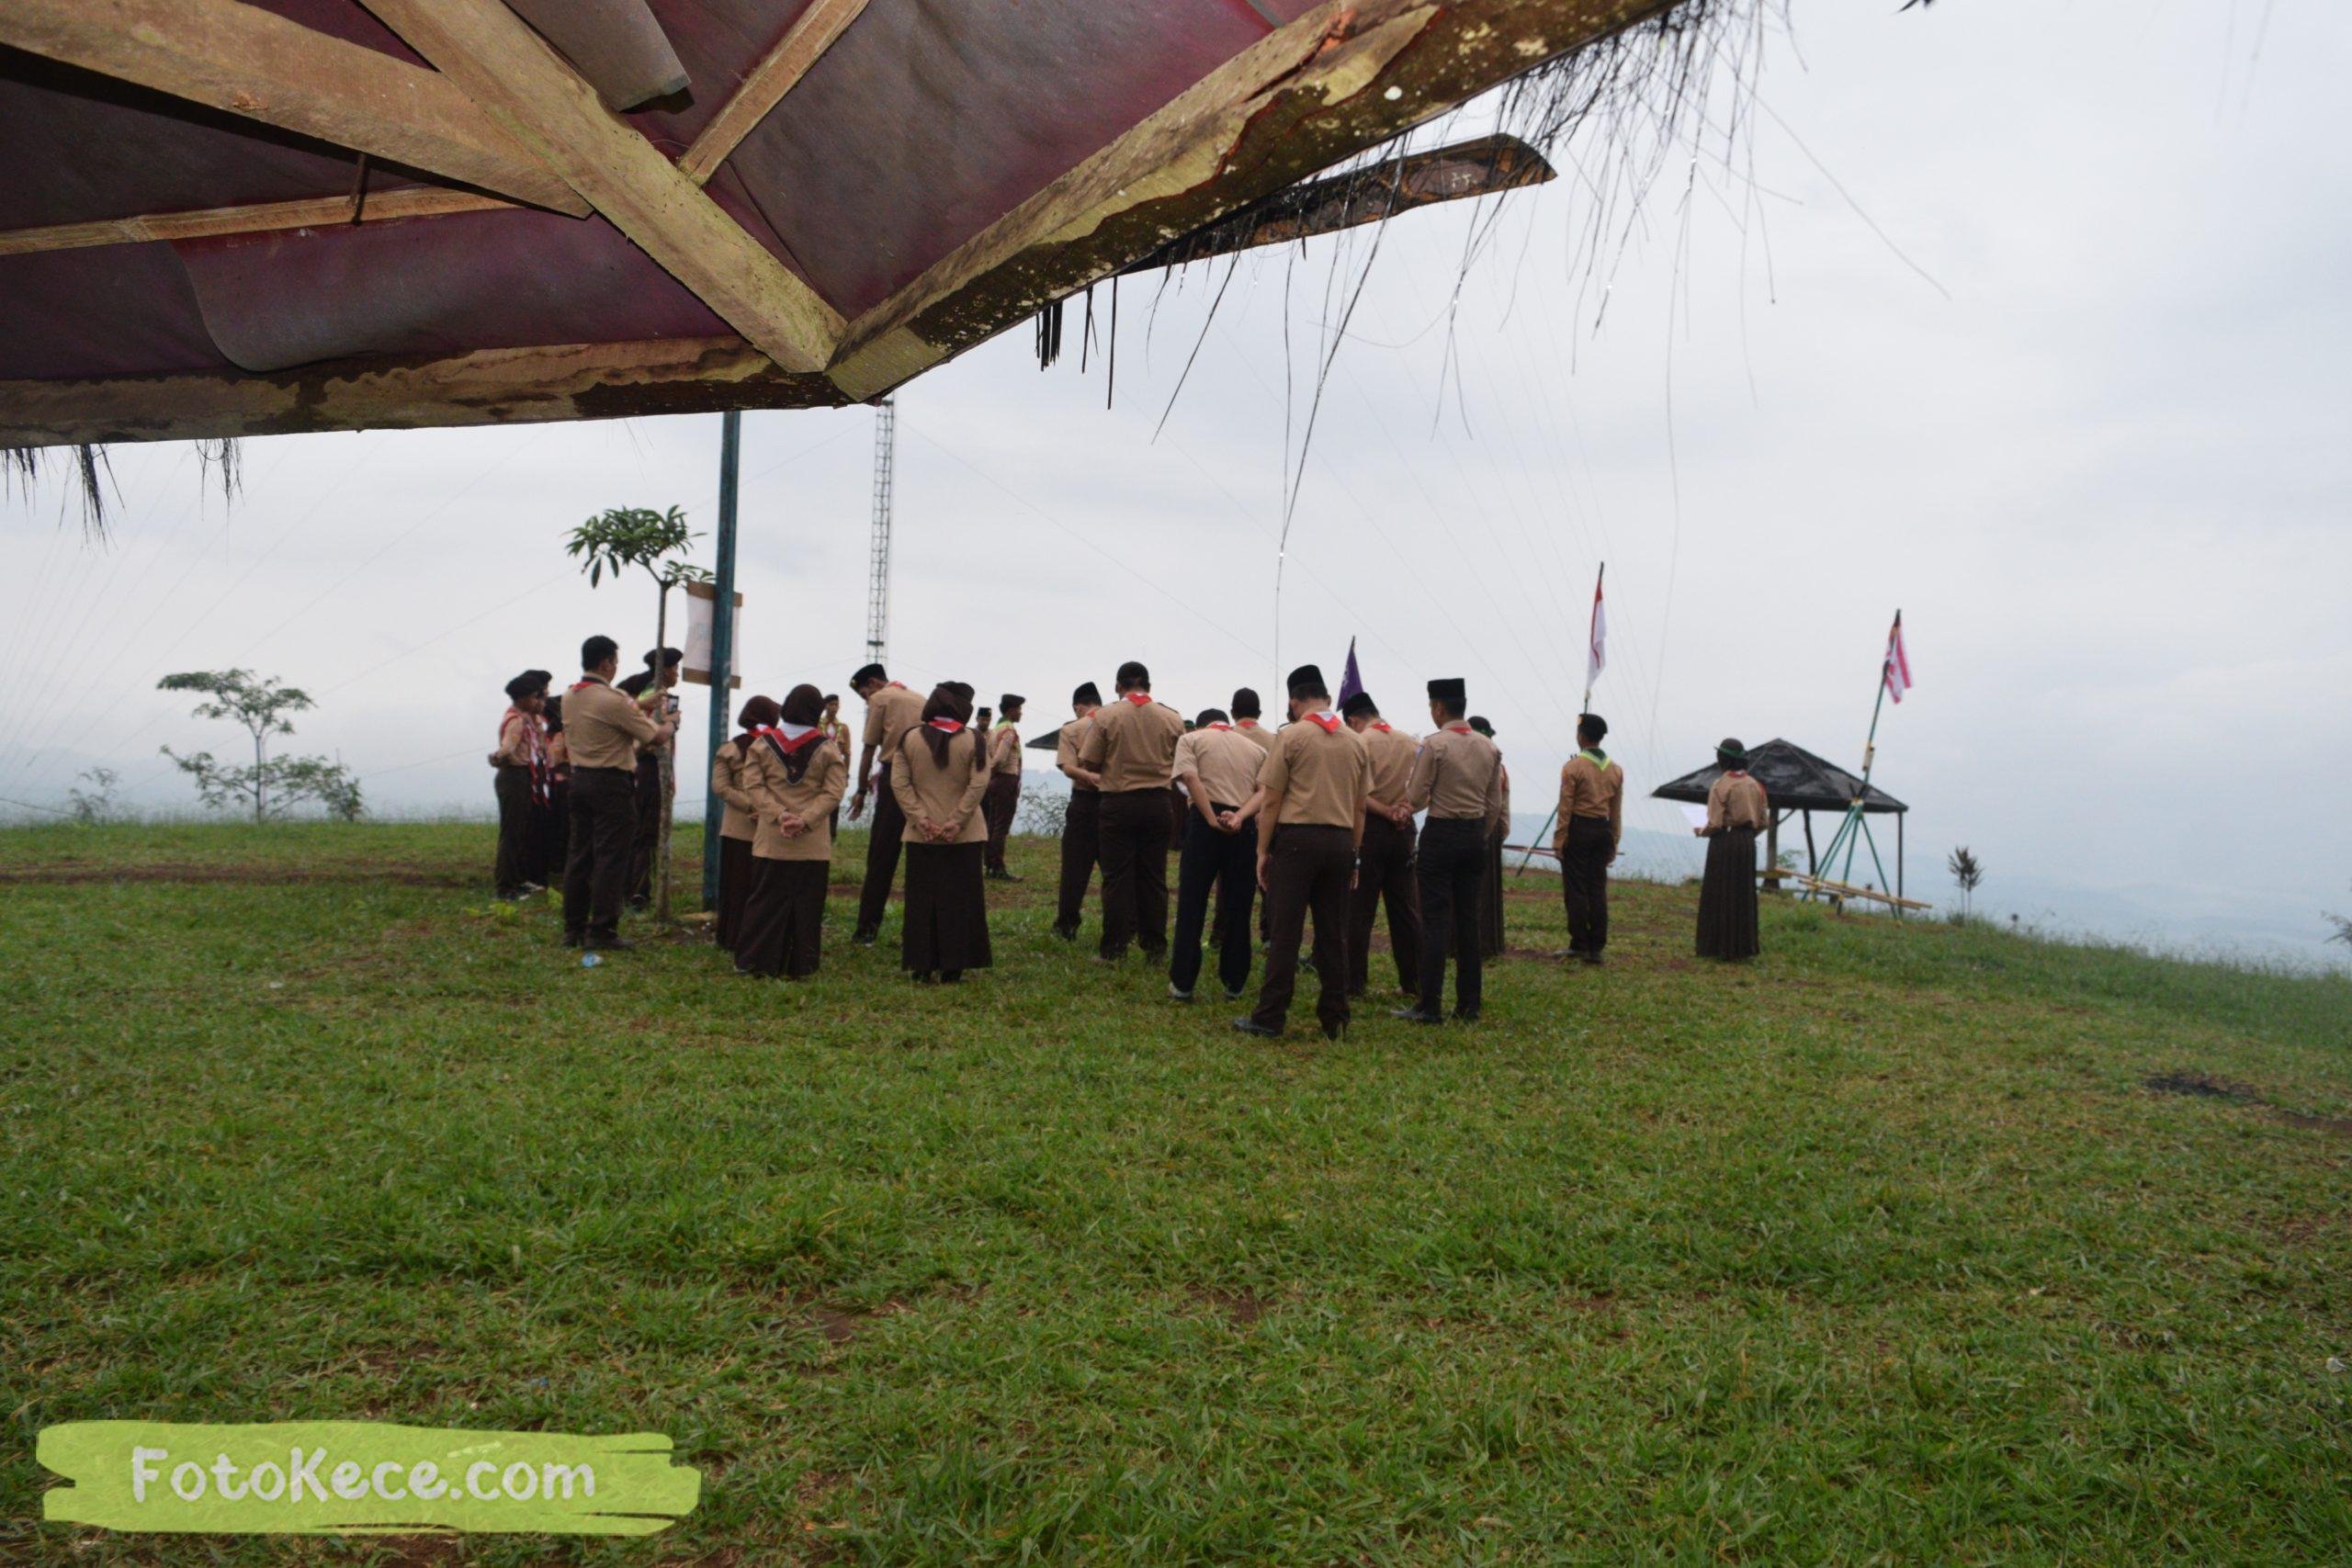 pembukaan perkemahan narakarya 1 mtsn 2 sukabumi 24 25 januari 2020 pramuka hebat wisata alam puncak buluh jampangkulon 37 scaled